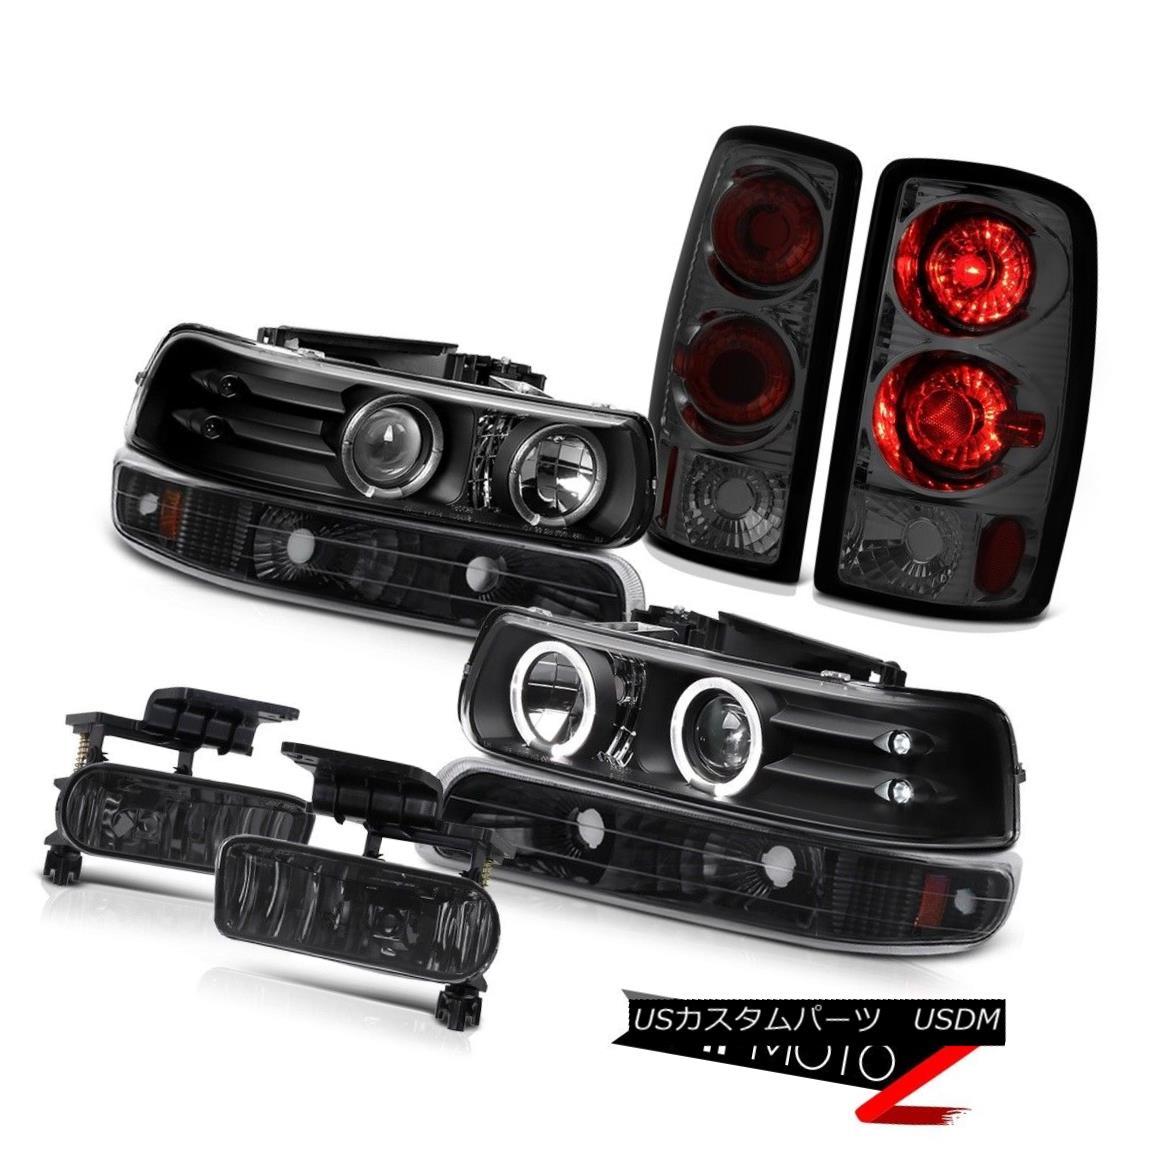 テールライト LED Angel Eye Projector Black Signal Rear Tail Lights Foglights 2000-2006 Tahoe LEDエンジェルアイプロジェクターブラック信号リアテールライトフォグライト2000-2006タホ